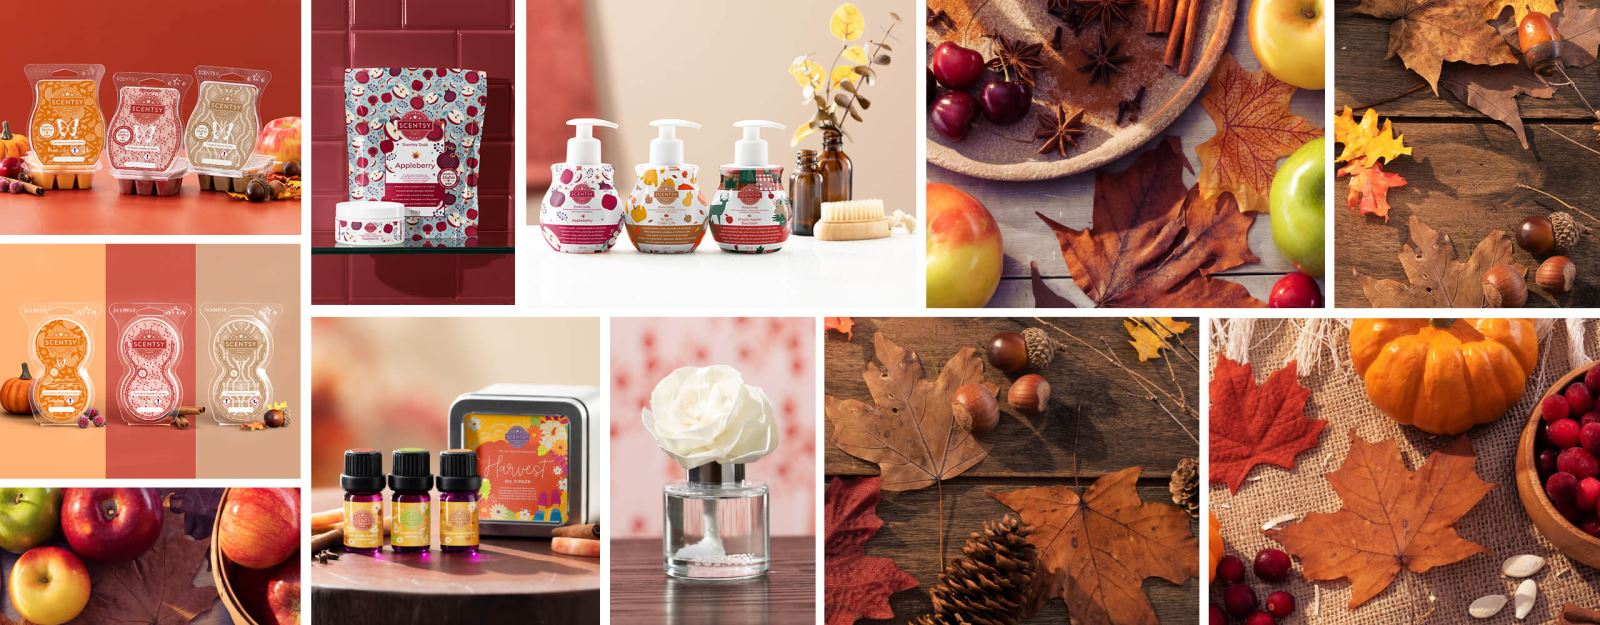 Eine Bildcollage mit den Herbstölen im 3er-Pack, dem Scentsy Bar 3er-Pack der Herbstkollektion, der Handseife im 3er-Pack zum Herbst, einer Duftblume Buttercup Belle, drei Scentsy Pod Doppelpacks und einem Badesalz und Zuckerpeeling mit dem Duft Appleberry, alle umgeben von herbstlicher Dekoration.